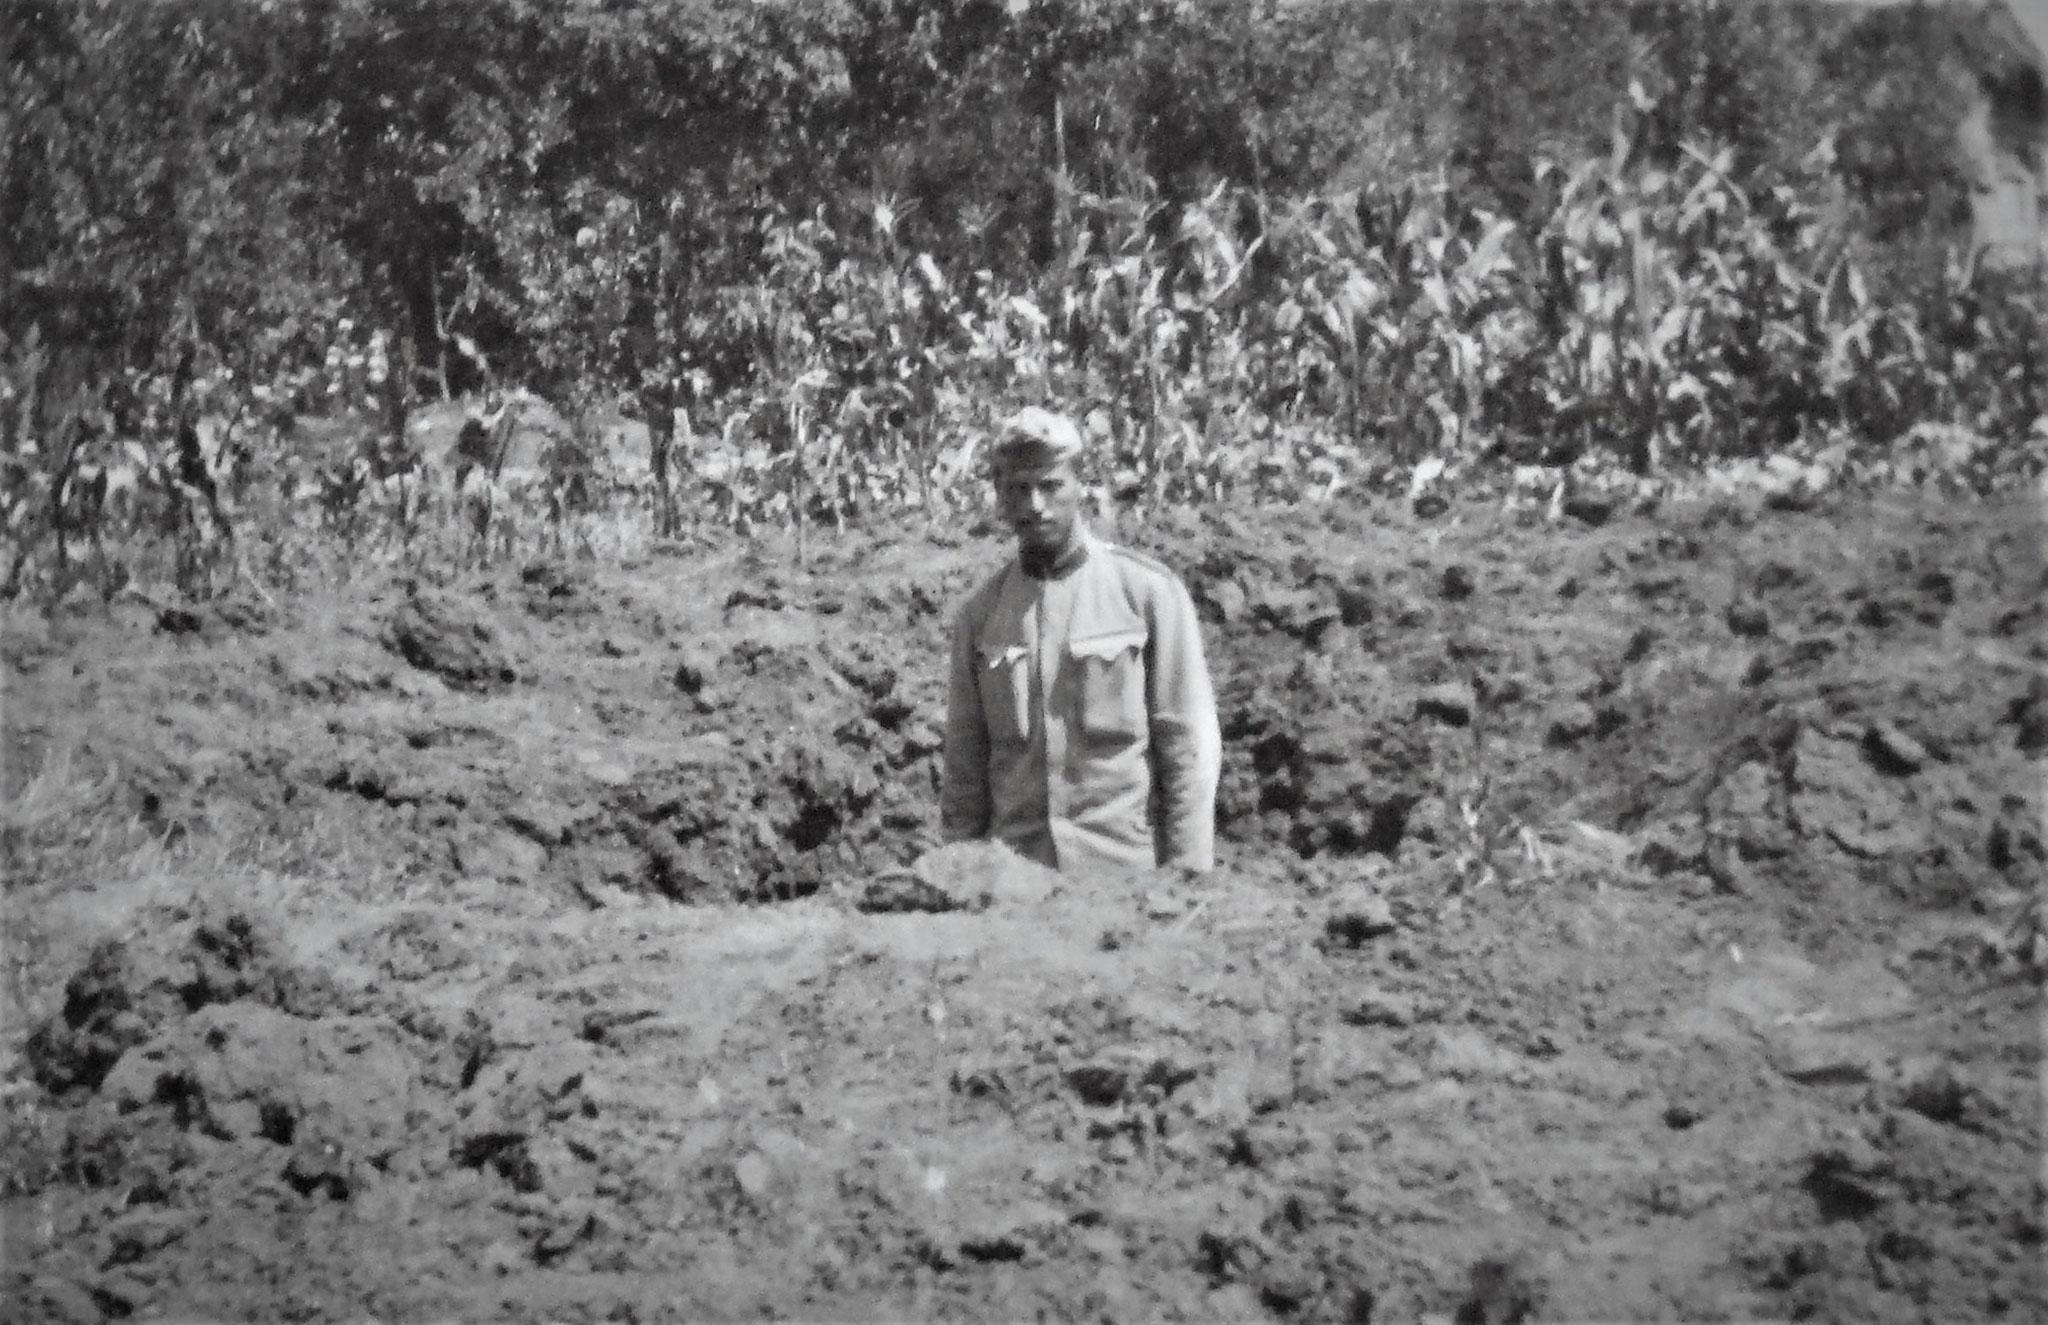 Trichter einer 18 cm Granate darin stehend OffzD. Hofmeister